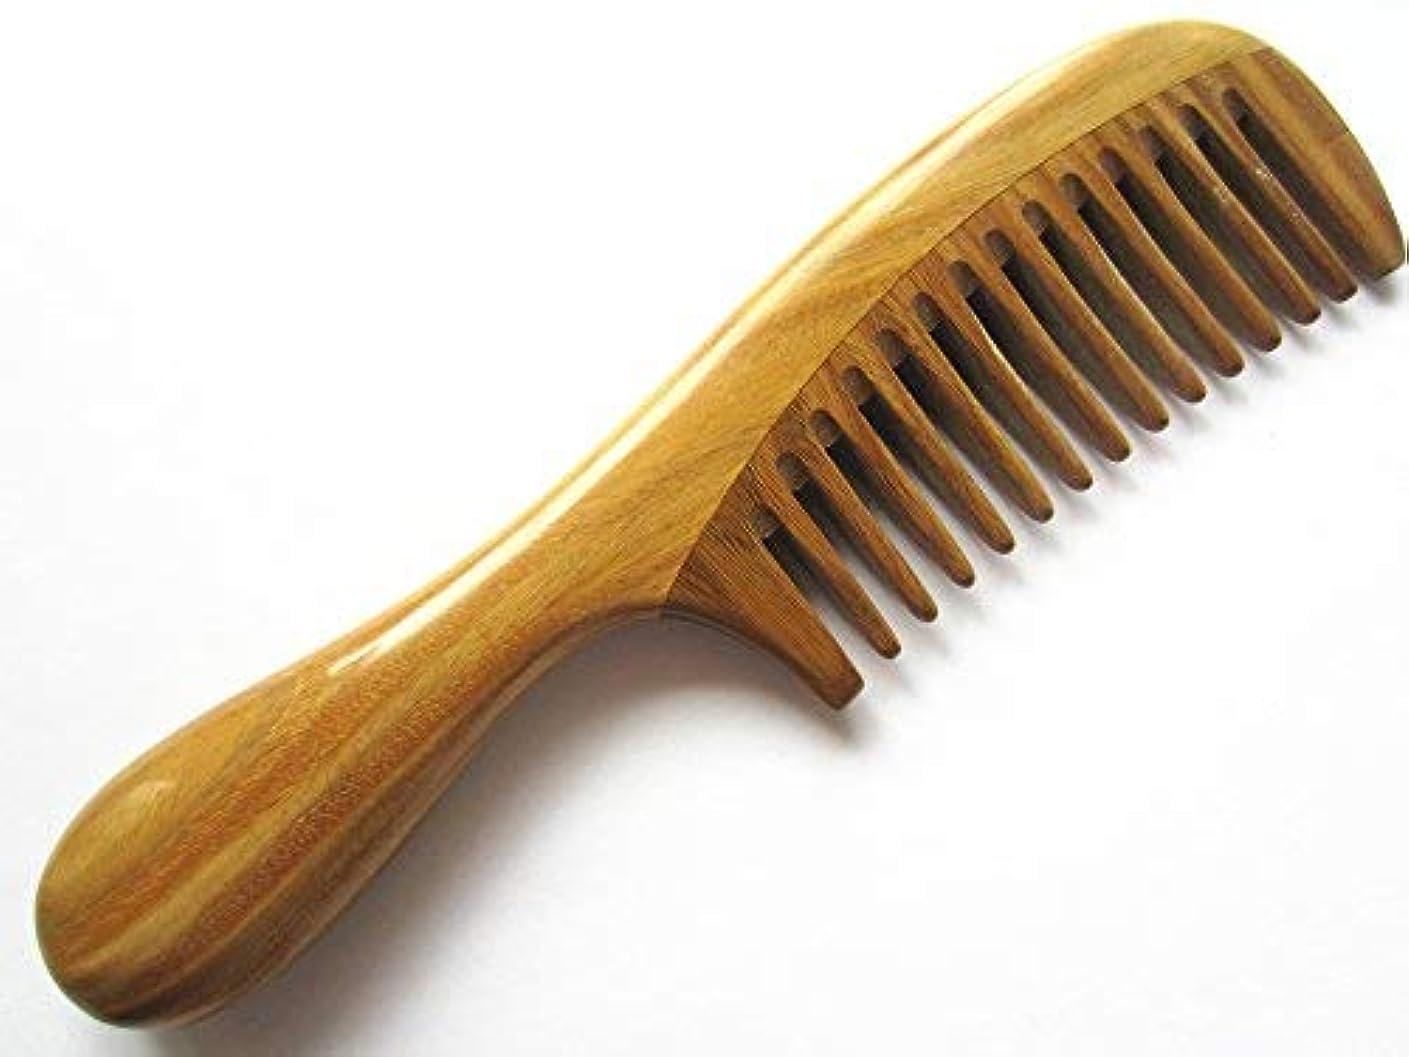 ケーブルカーバスタブ区別Myhsmooth Gsp-yb Wide Tooth Wood Handmade Natural Green Sandalwood No Static Comb with Rounded Handle with Aromatic...